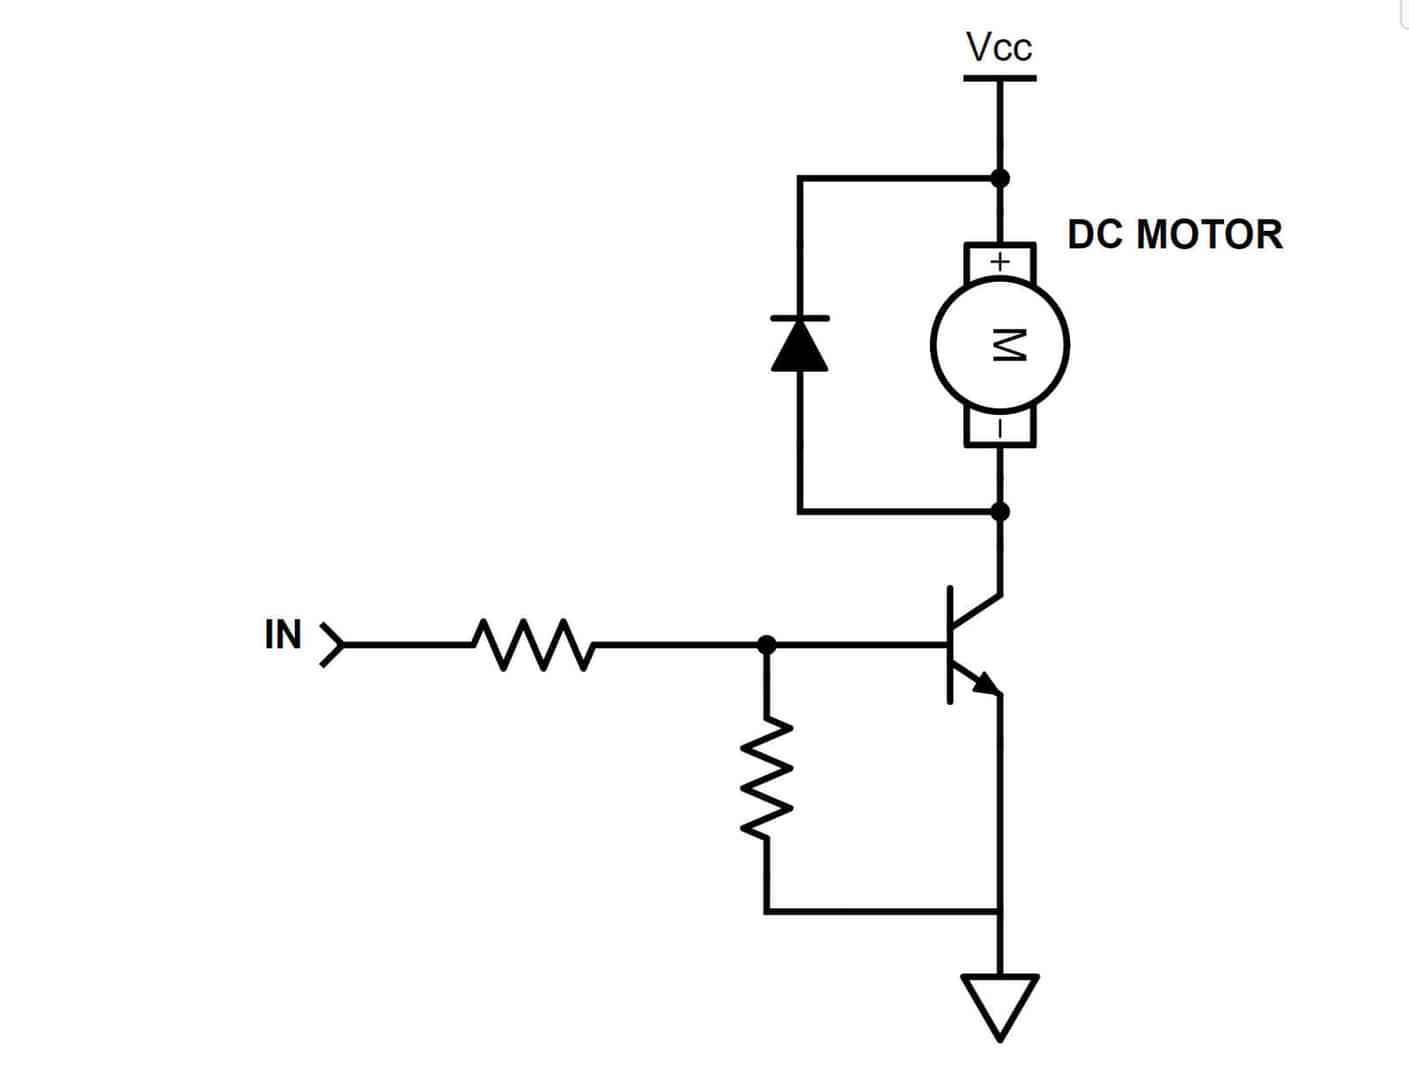 ブラシモーターのON・OFFを操作する【逆引き回路設計】